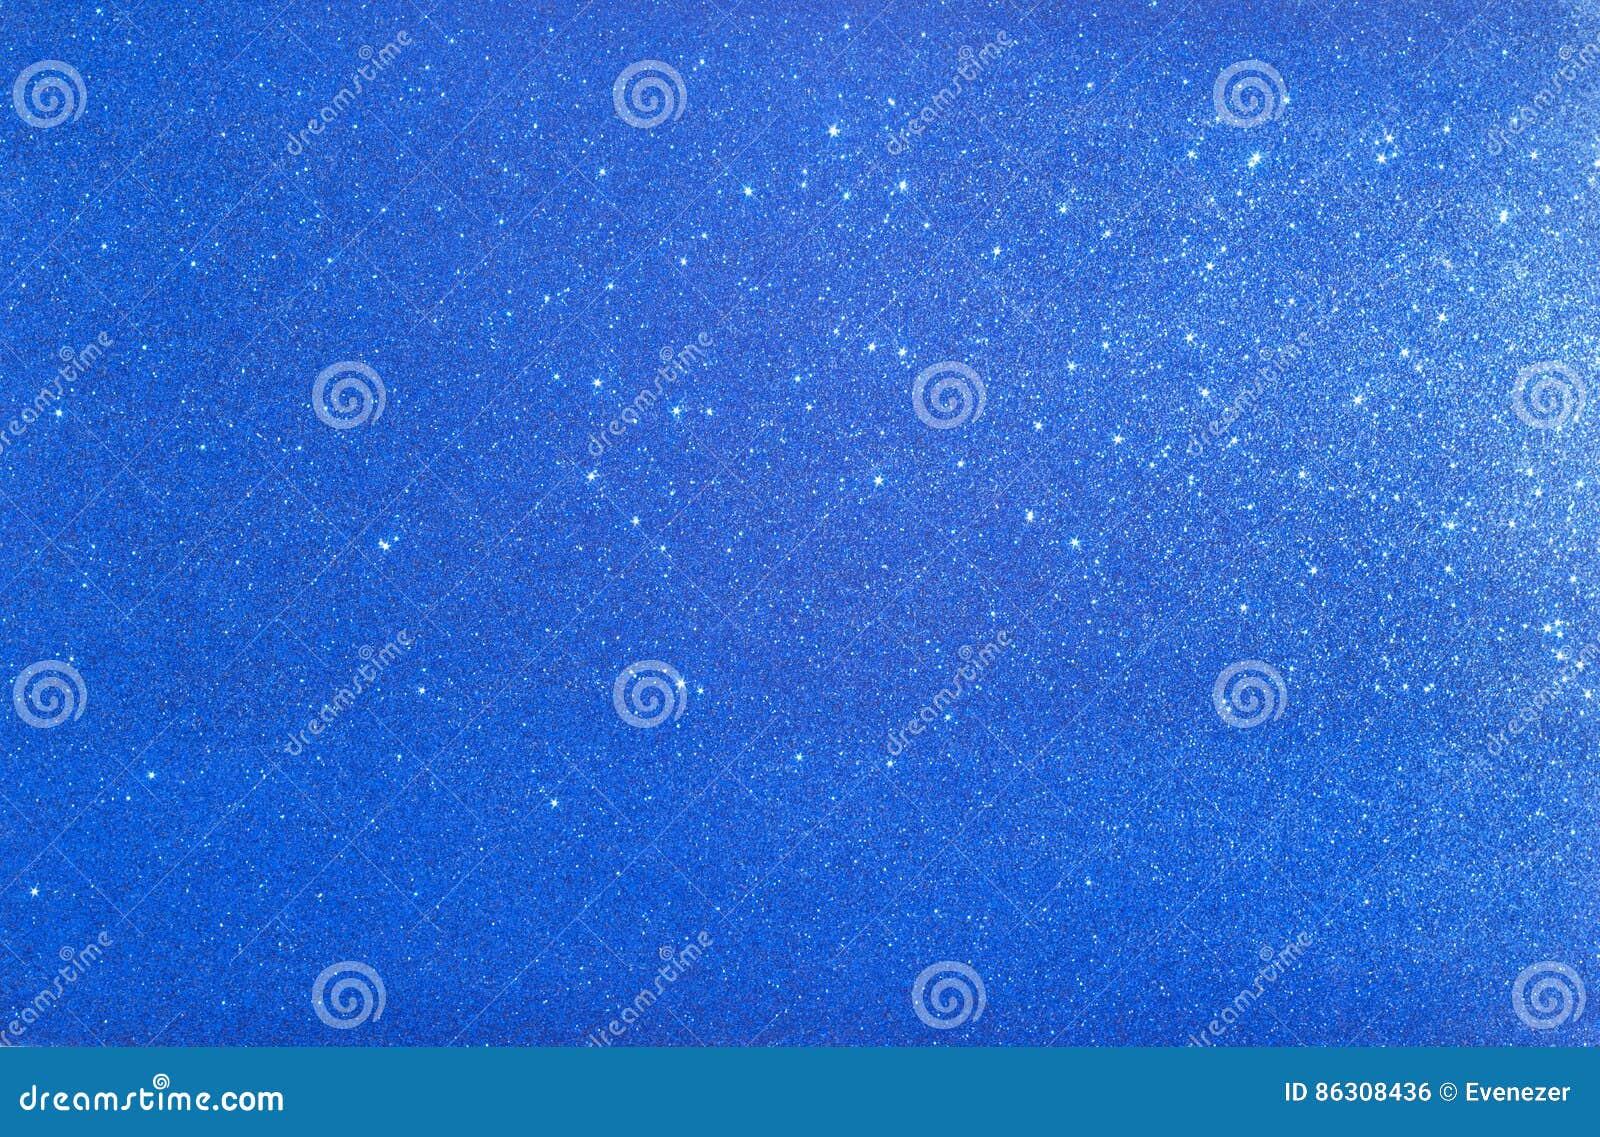 Abstrakcjonistycznego tła błękitny ilustracja błyska